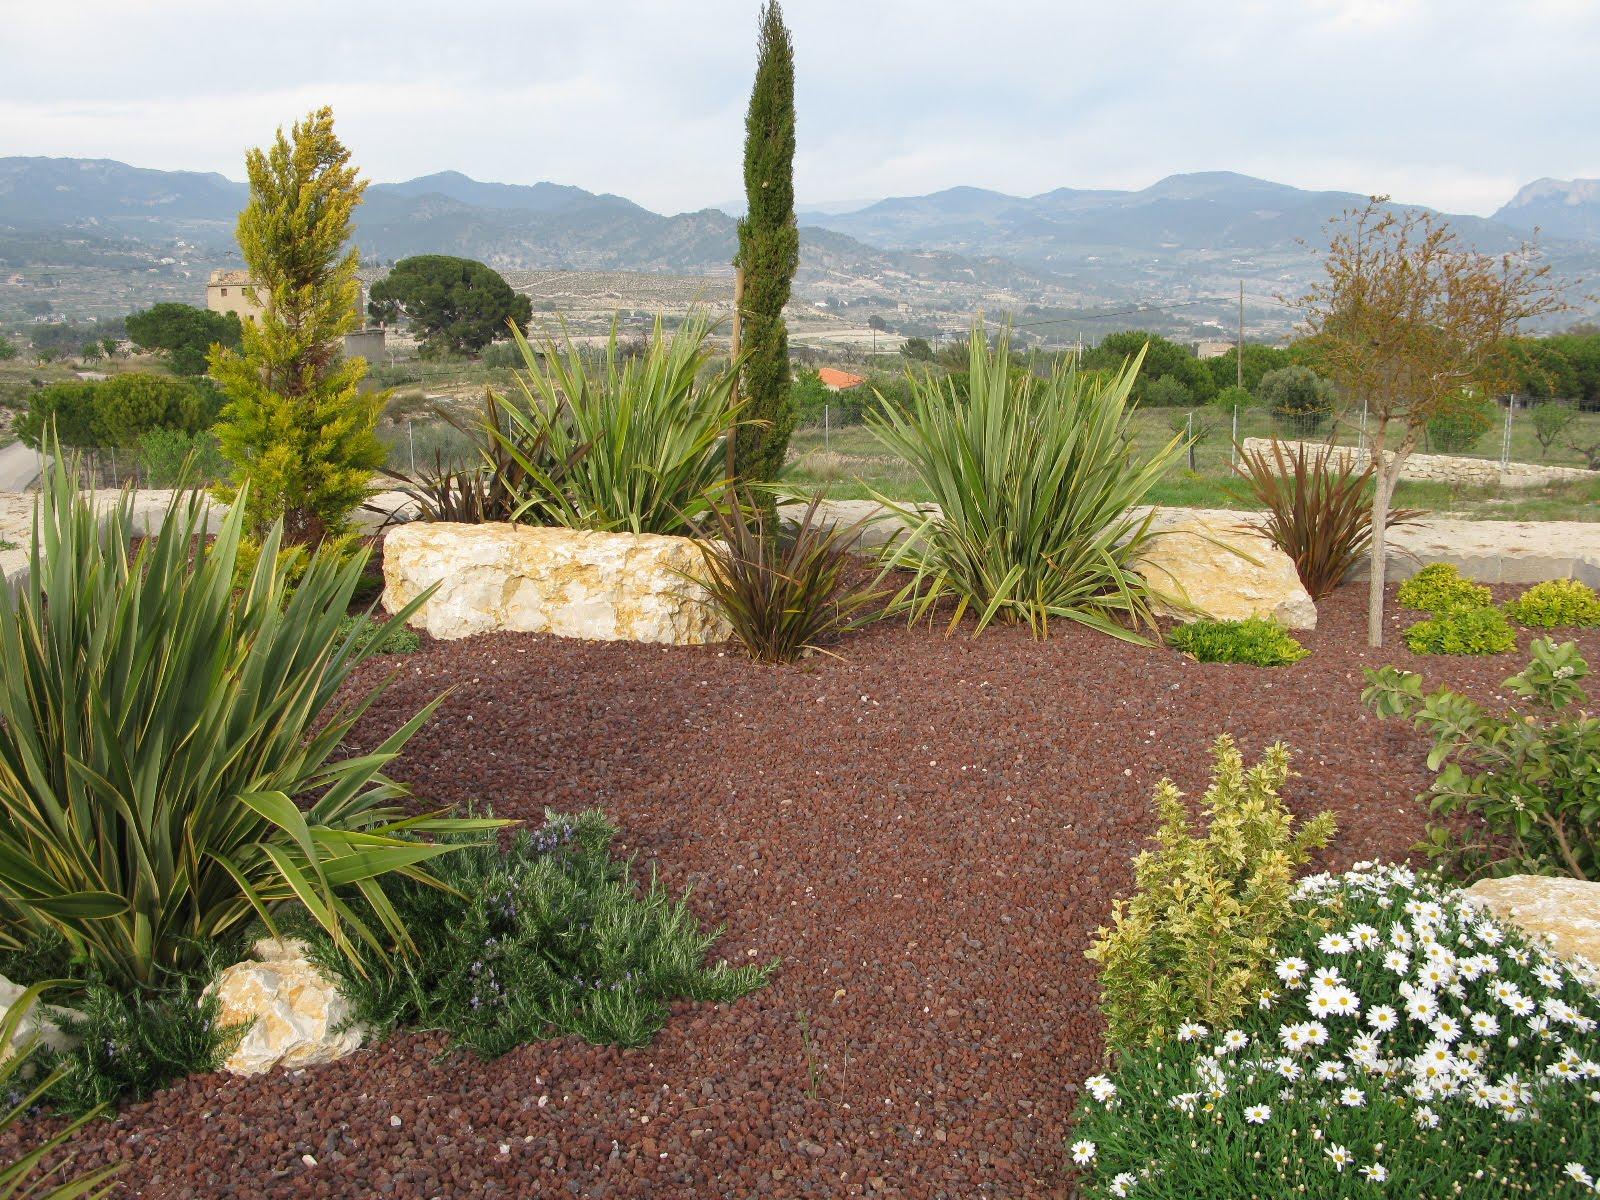 Jard n mediterraneo monta a jardiner a benidorm - El jardin mediterraneo ...